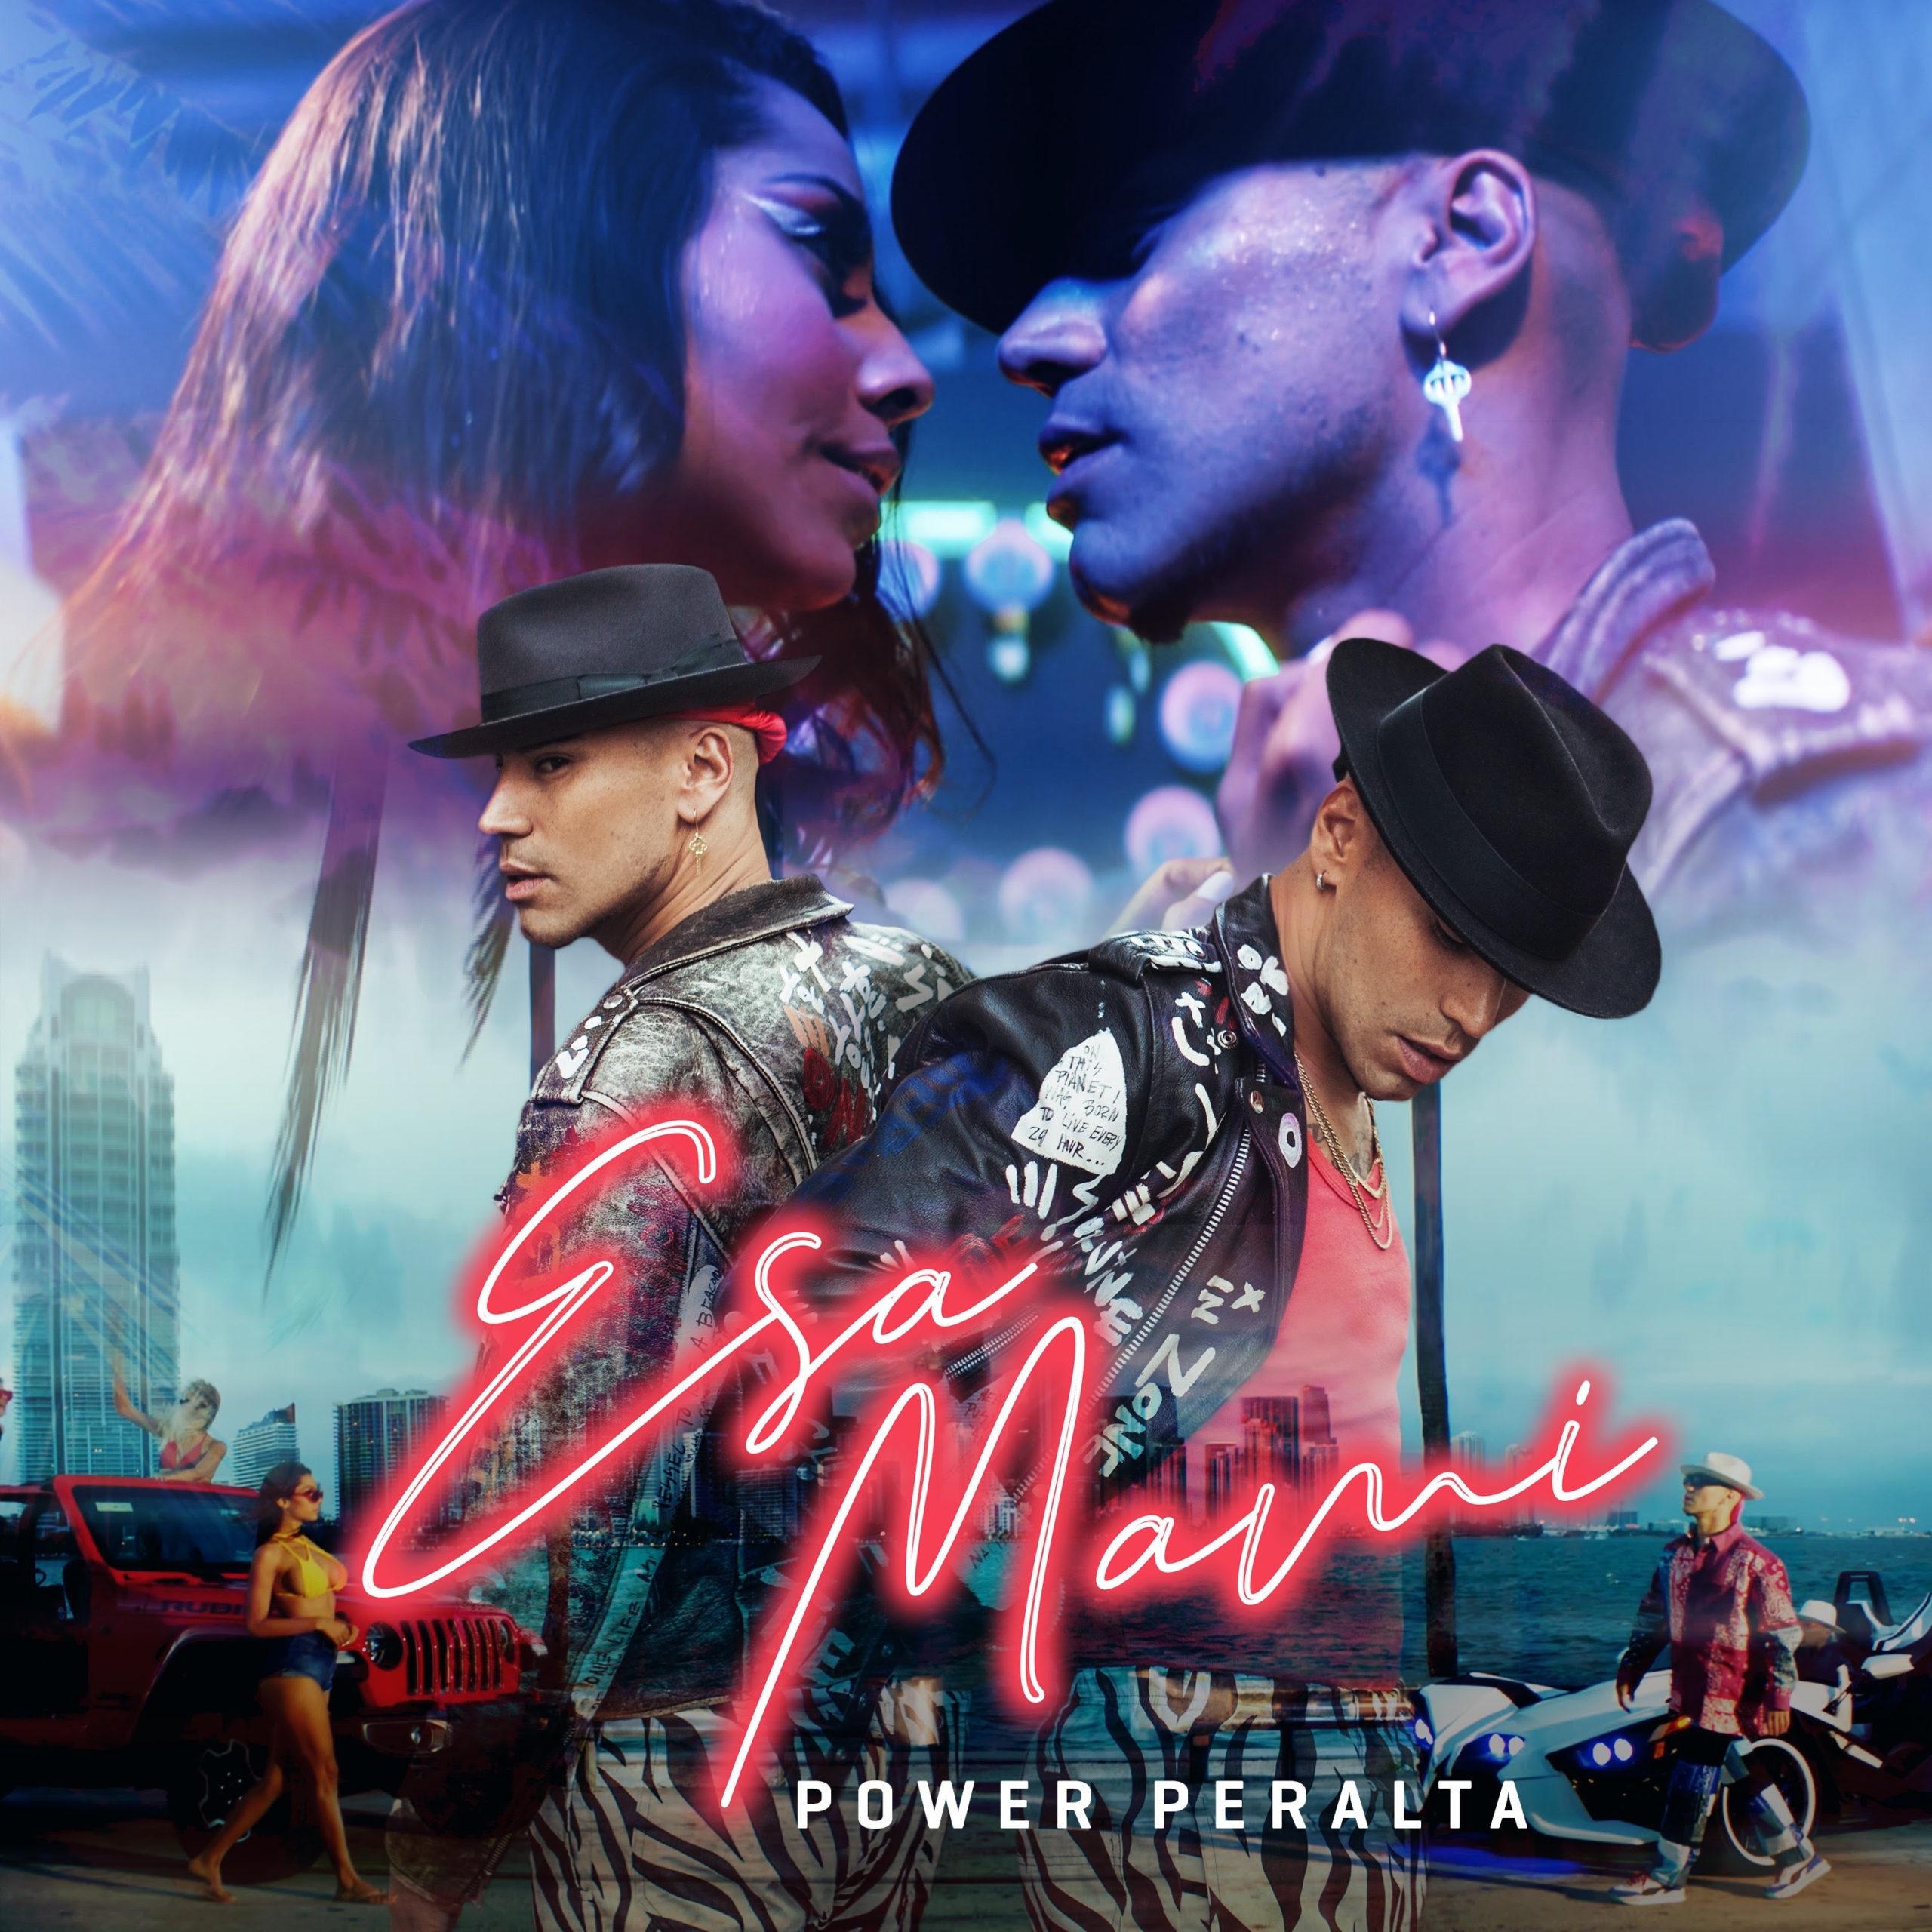 """""""Esa Mami"""", el nuevo hit veraniego de los Power Peralta"""